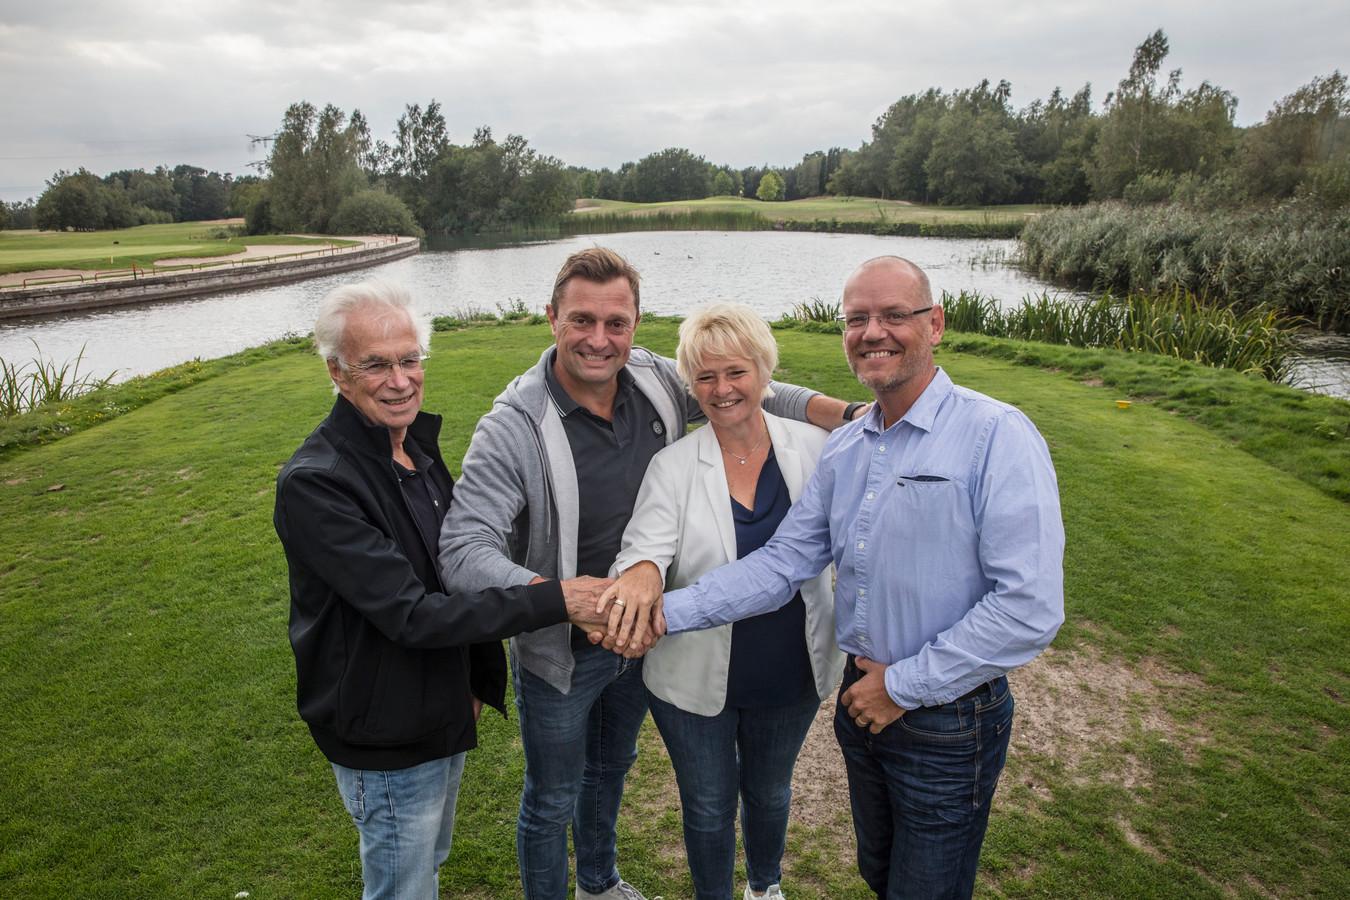 Organisatoren golfevent Team King op de Golfbaan Gemdersteyn in Veldhoven. Vlnr: Jan Matheeuwsen, Pascal Matheeuwsen, Ingrid Velings en Antonio Velings.